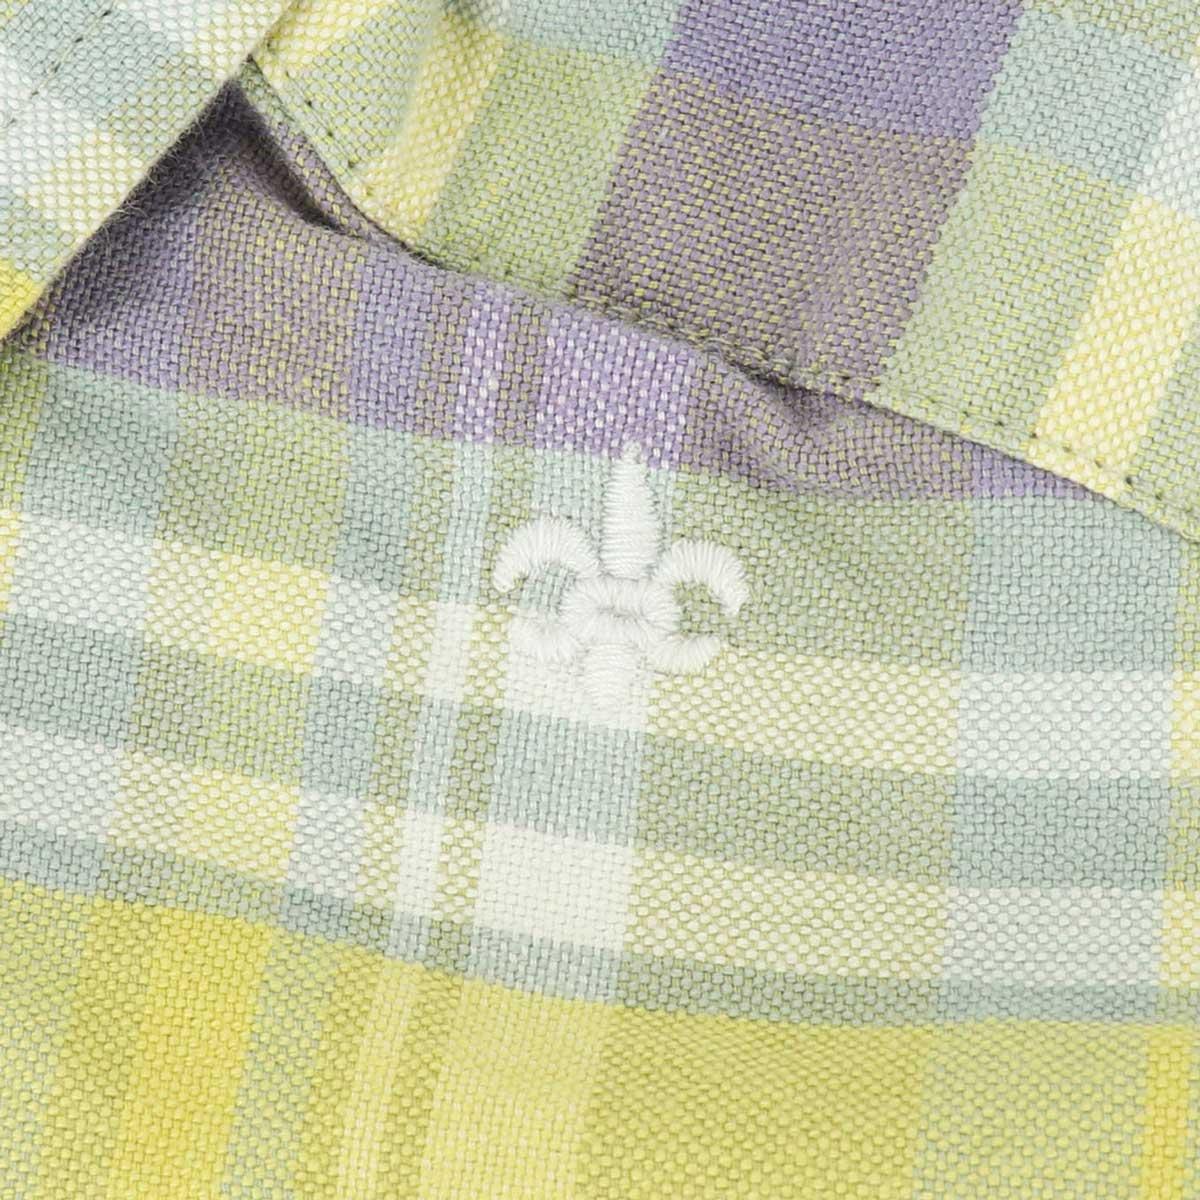 【50%OFF】オックスフォード ヴィンテージチェック ボタンダウンシャツ(PINK×YELLOW)